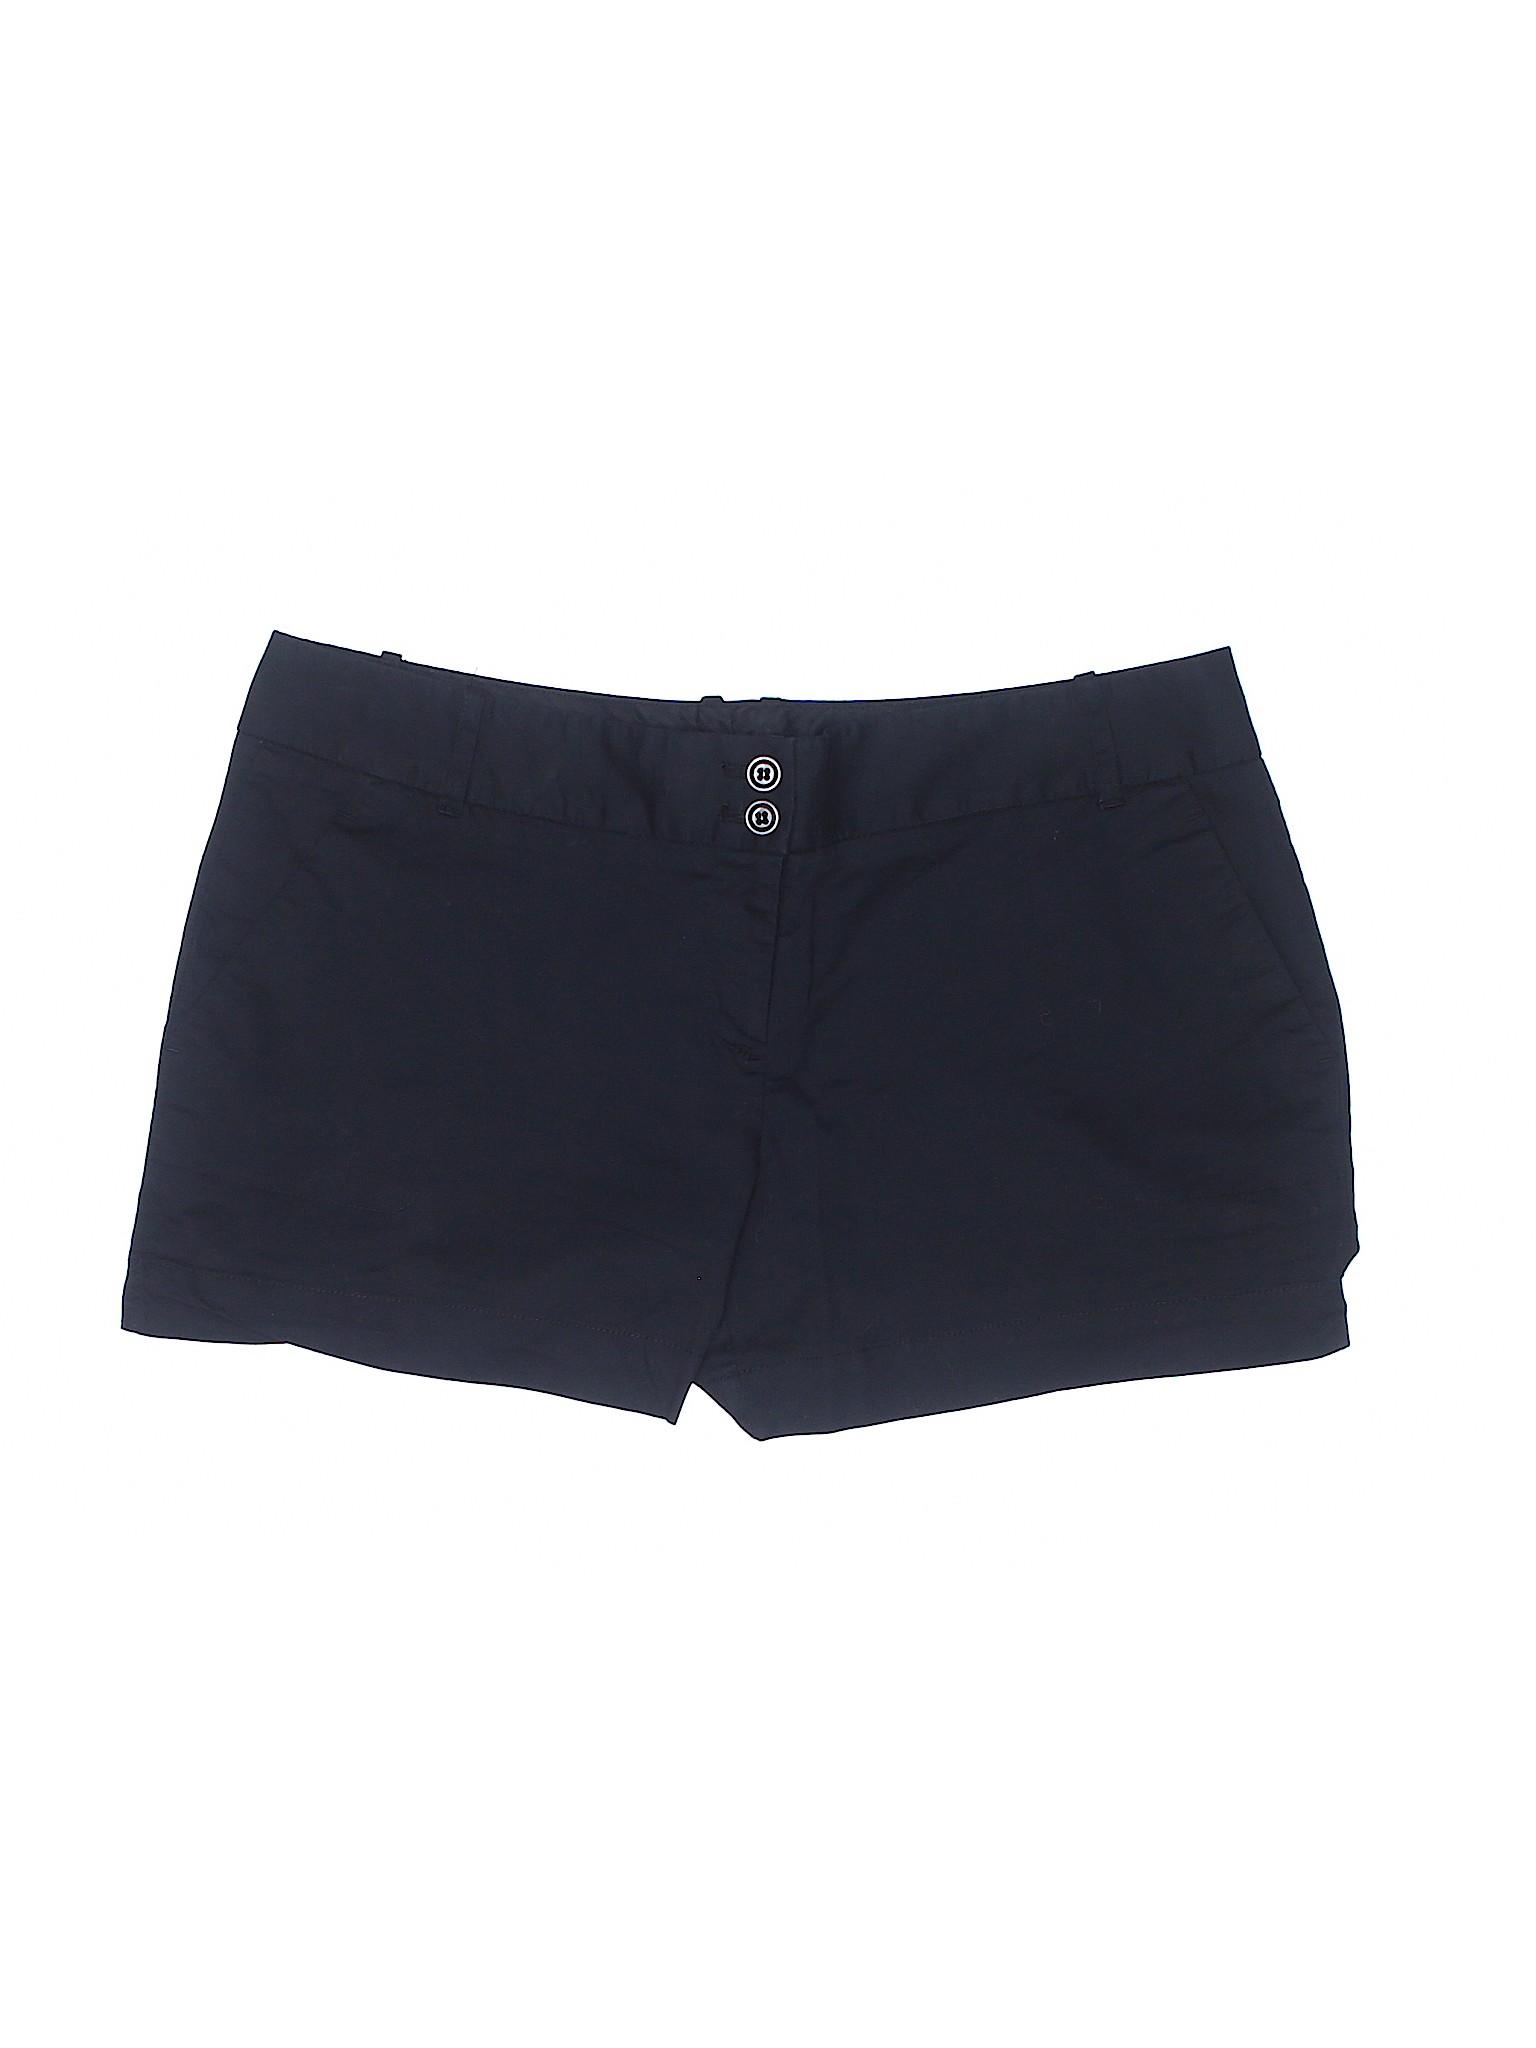 Boutique Khaki Boutique The Shorts The Limited HTz0qITw